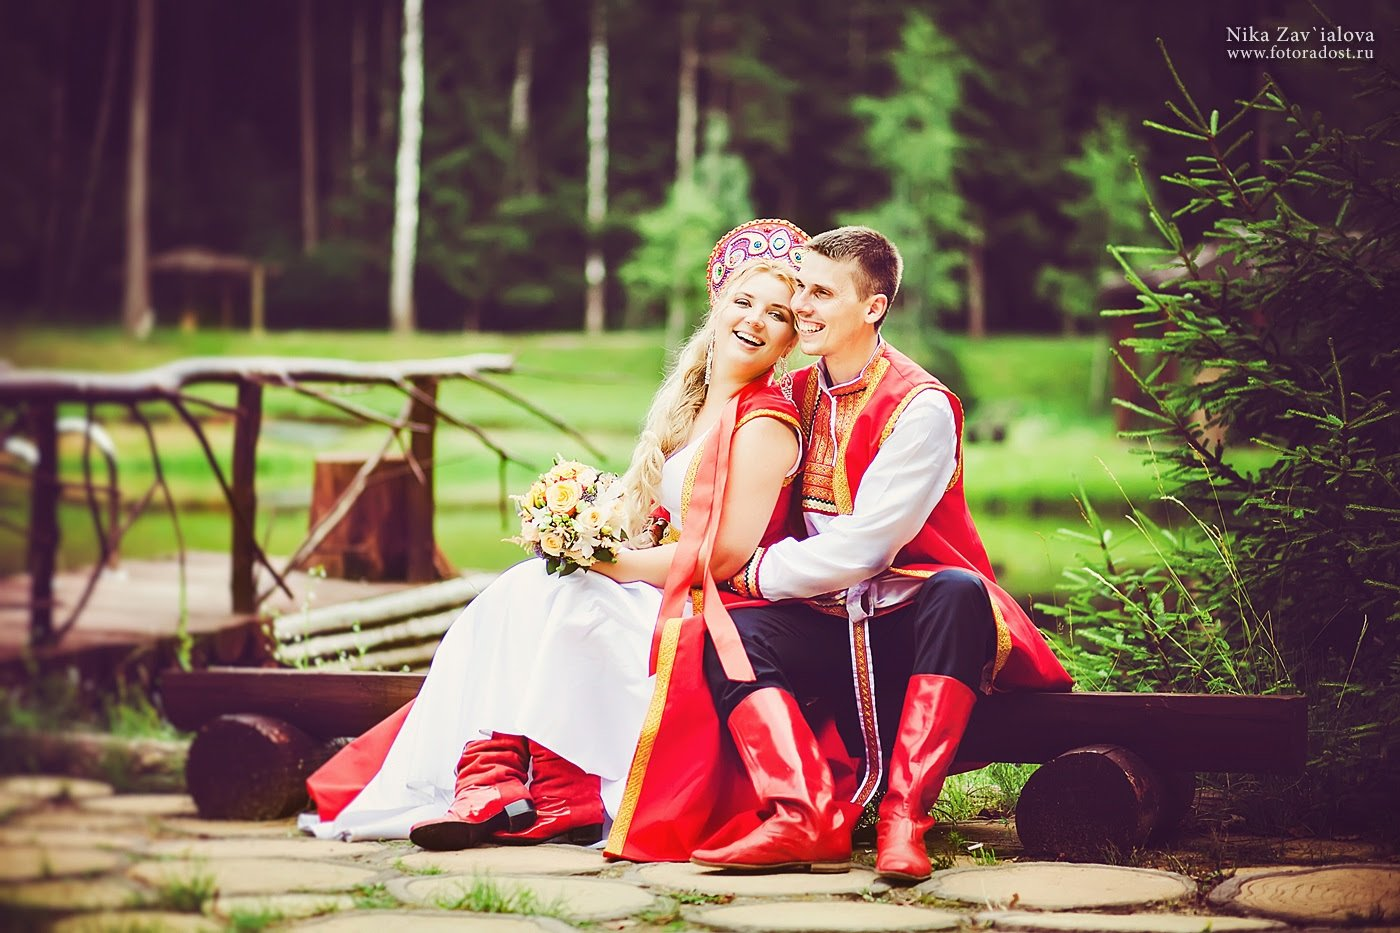 Поздравление на свадьбу в русско-народном стиле